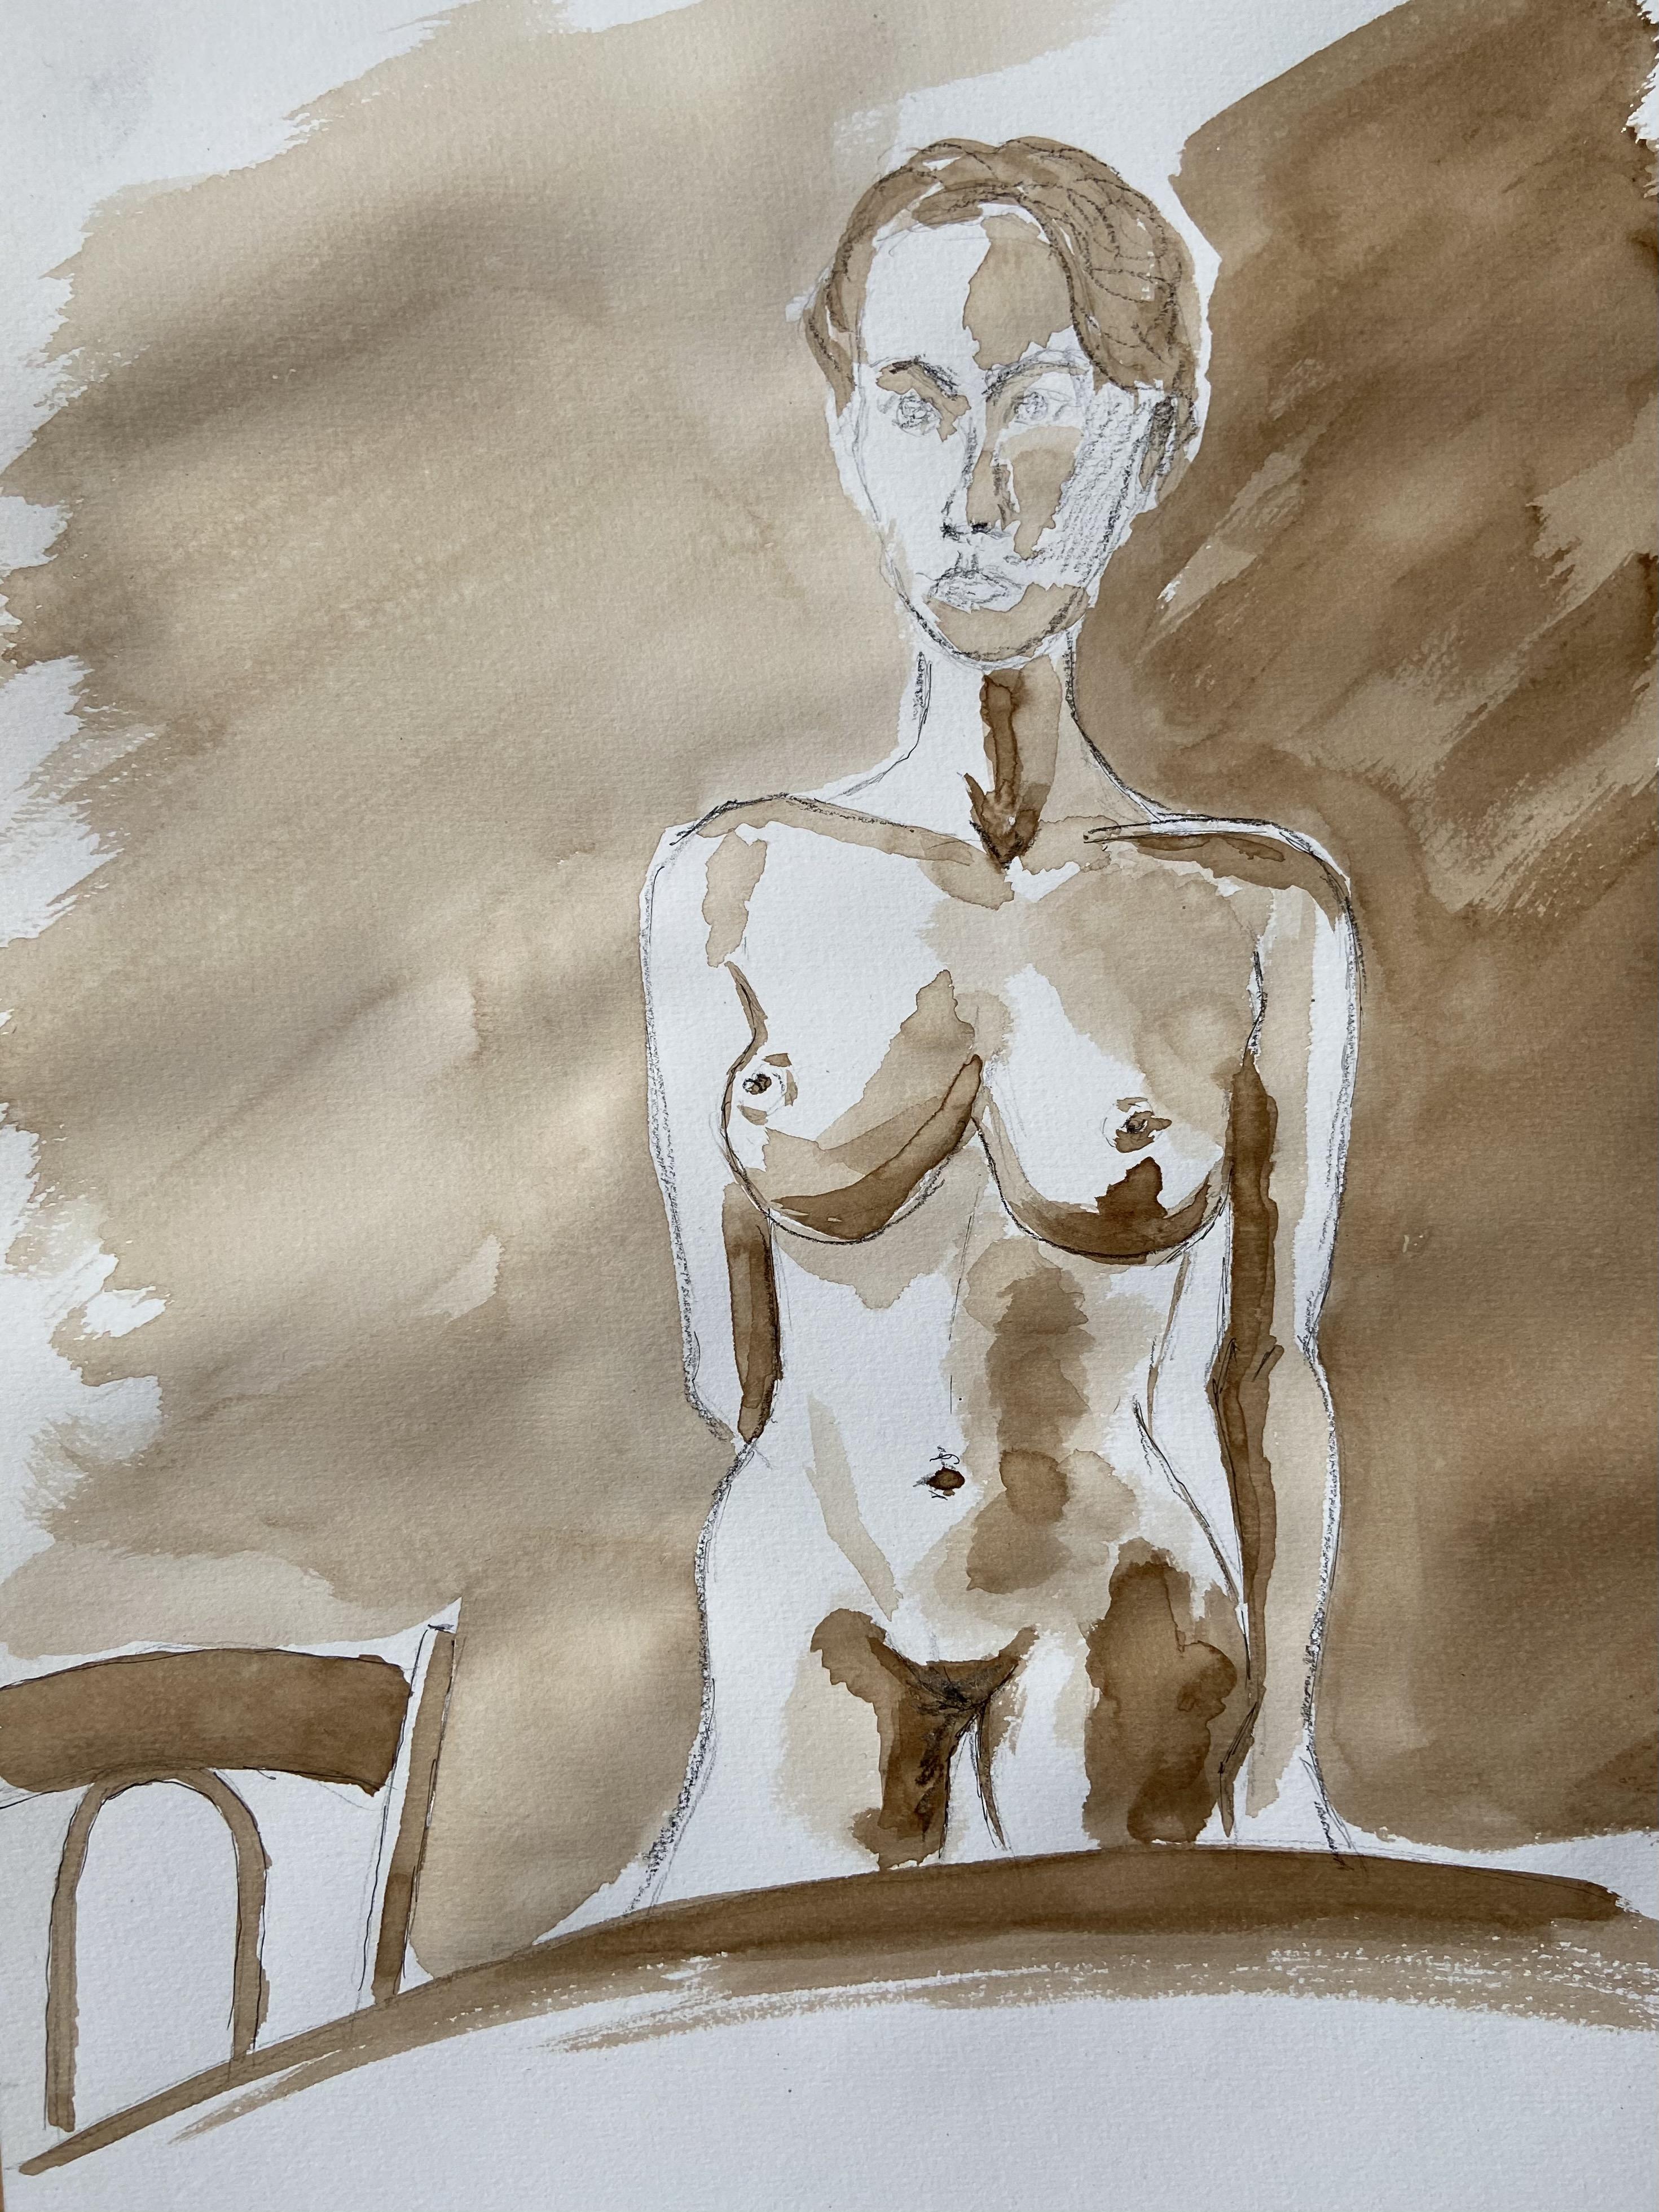 Buste debout face brou de noix esquisse sur papier femme  cours de dessin